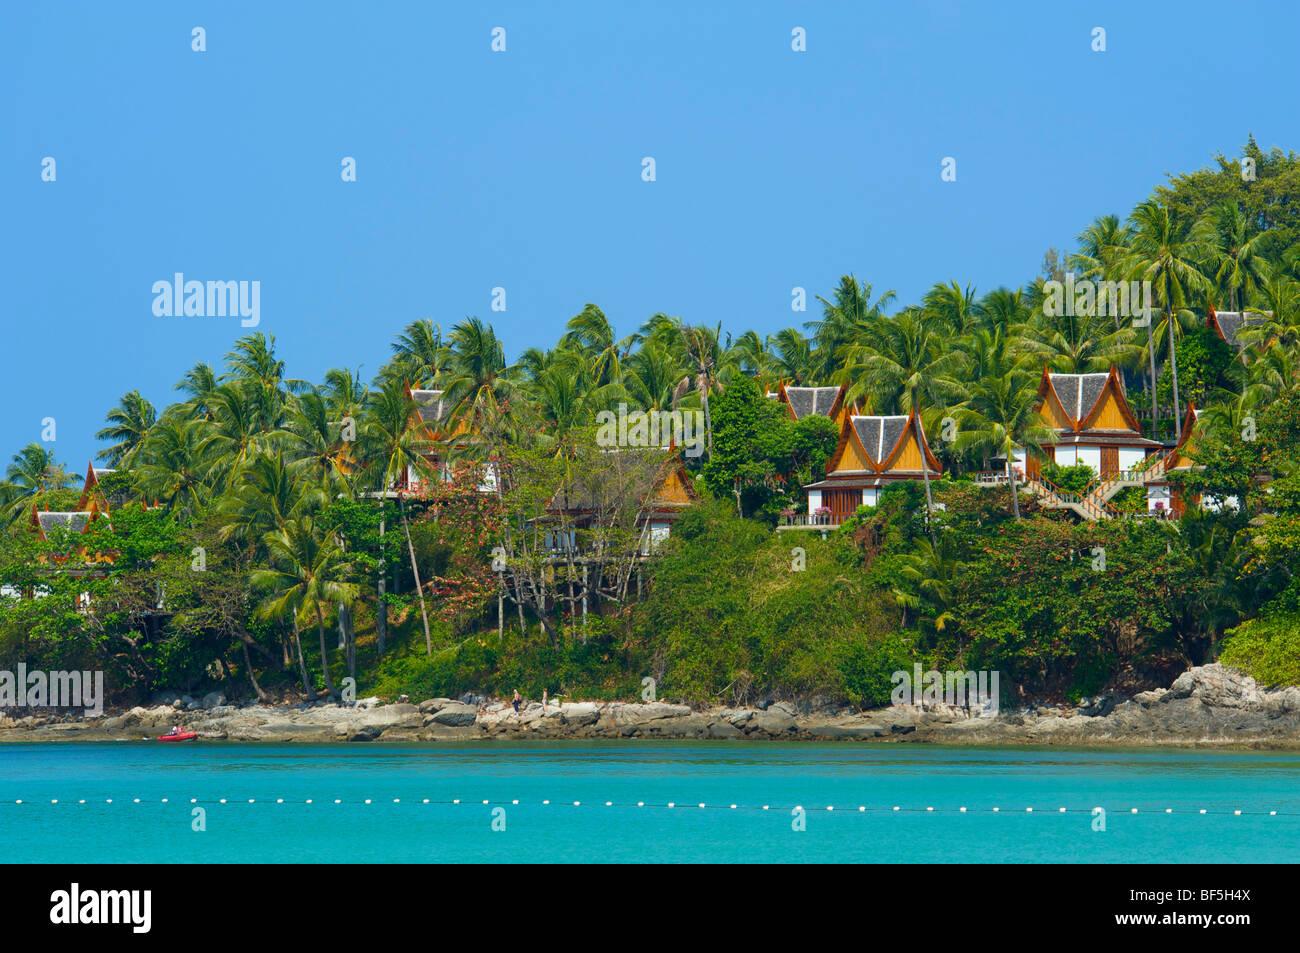 Hotels On Pansea Beach Phuket